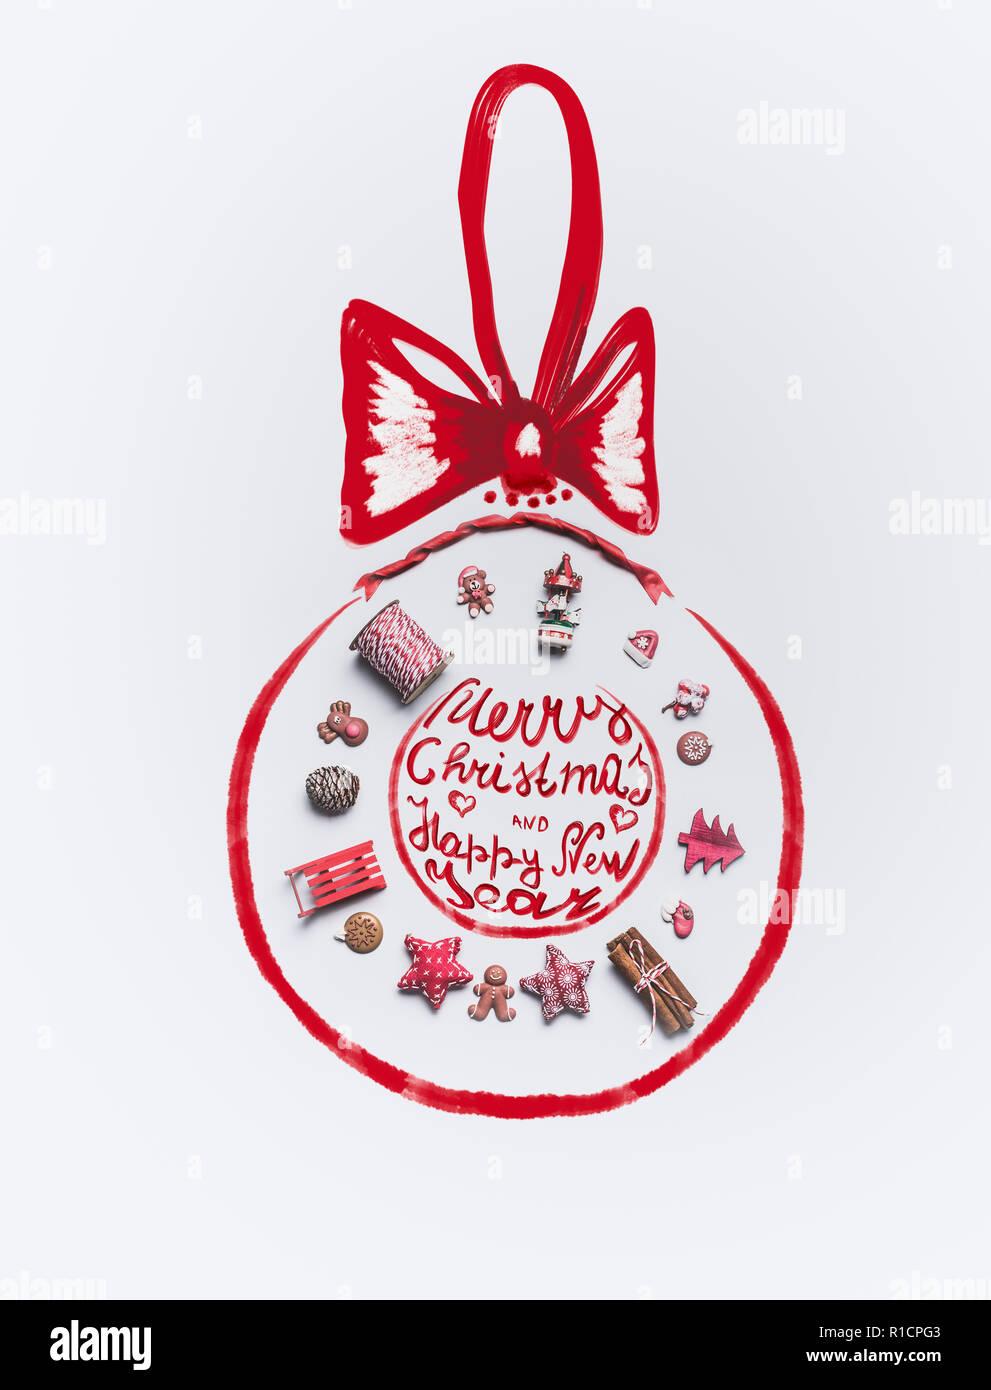 Frohe Weihnachten Band.Weihnachten Dekoration Objekte In Form Von Weihnachtskugel Mit Band